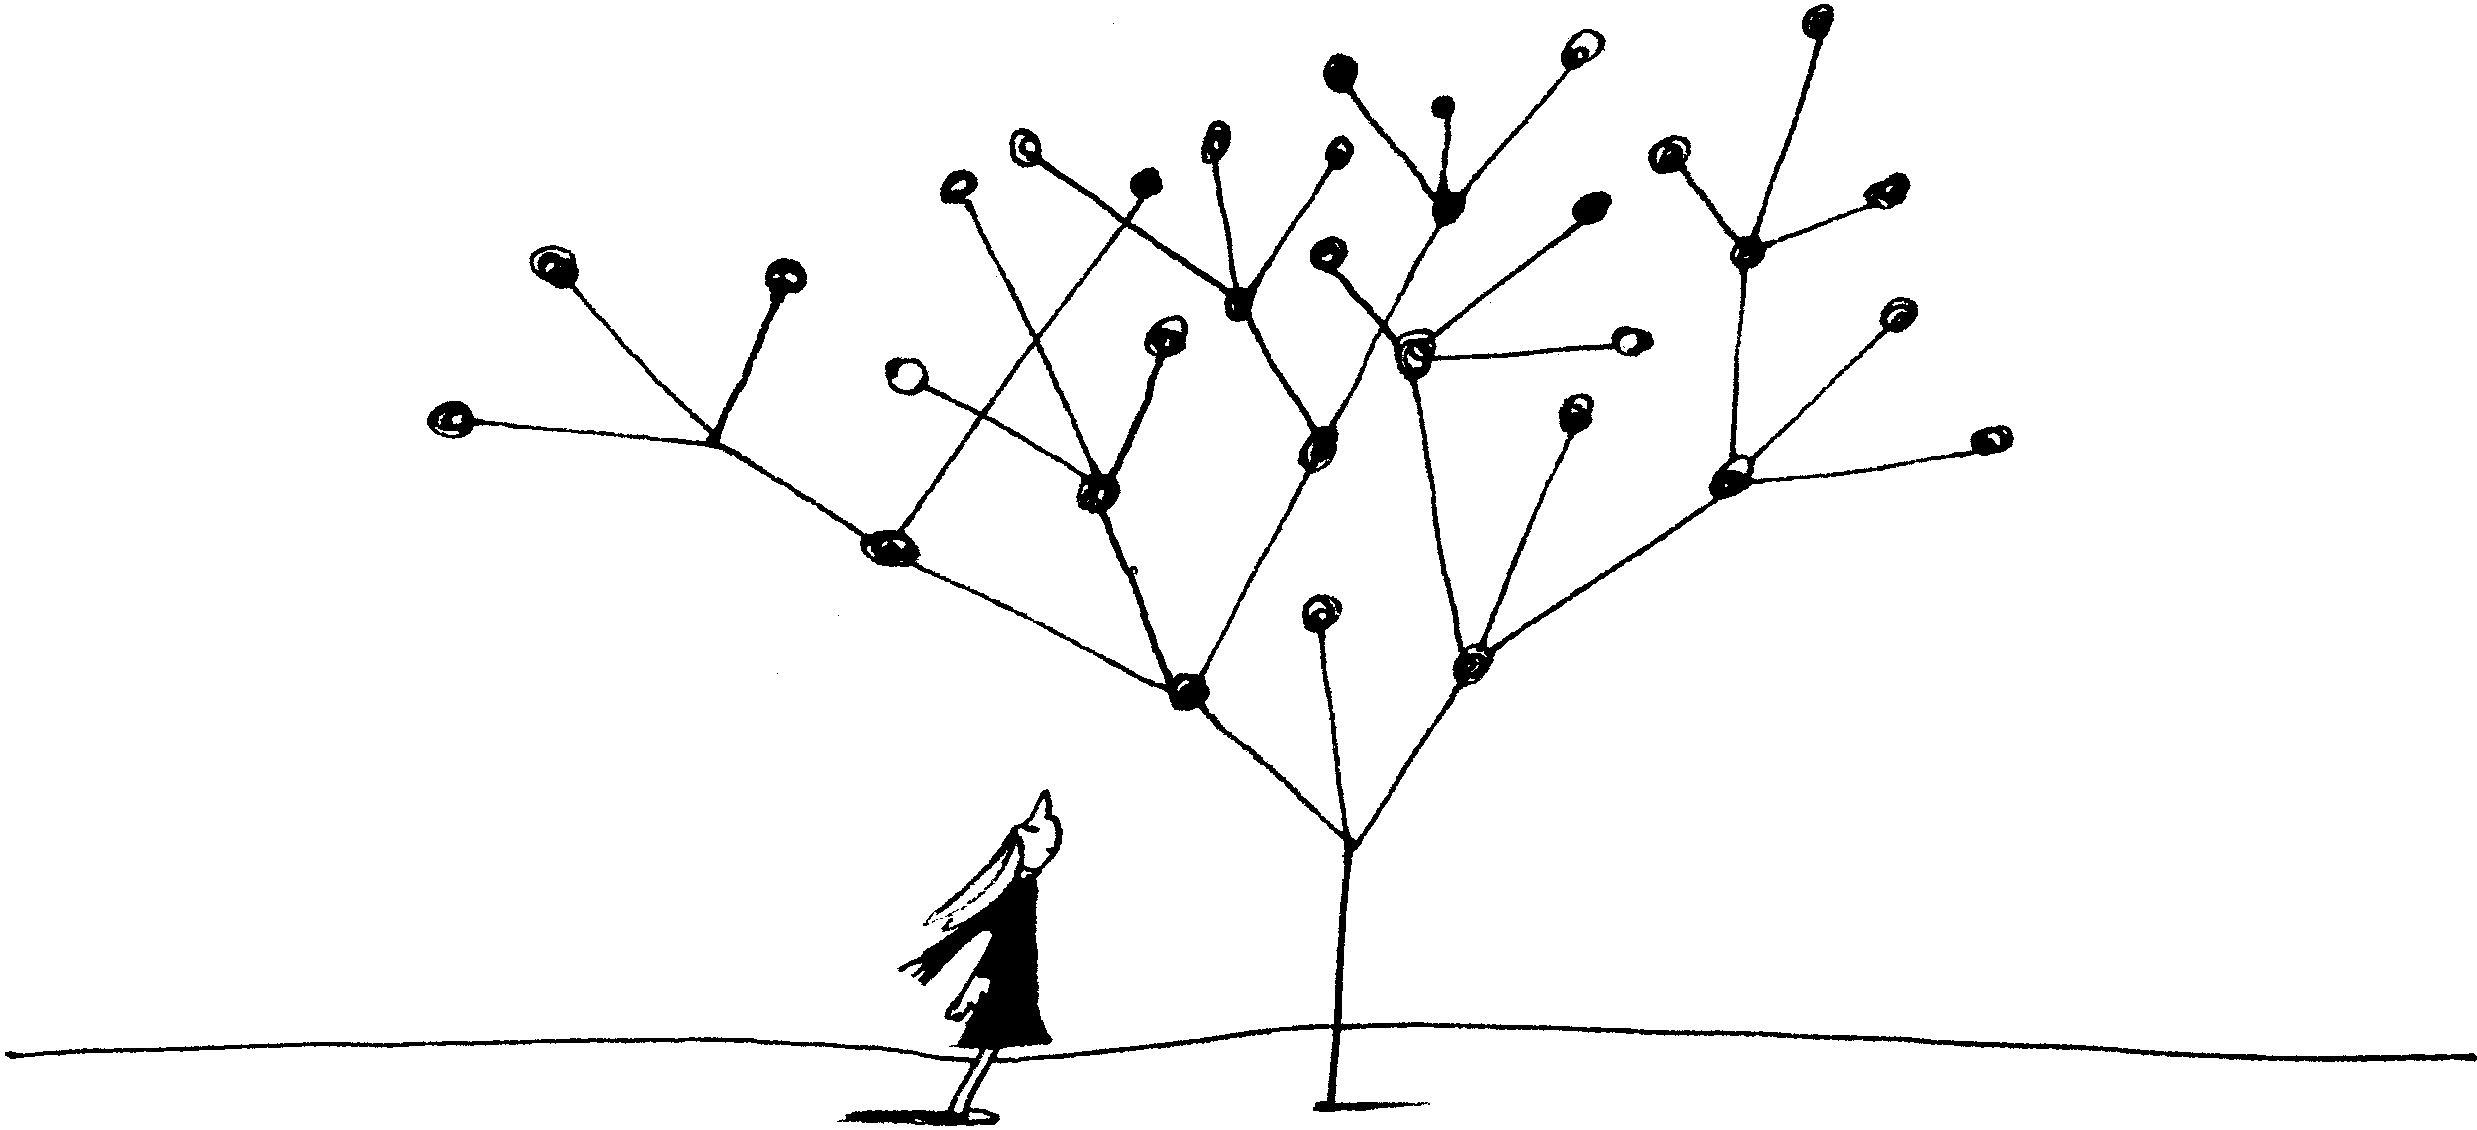 『数学の言葉で世界を見たら』_c0194469_1540619.jpg